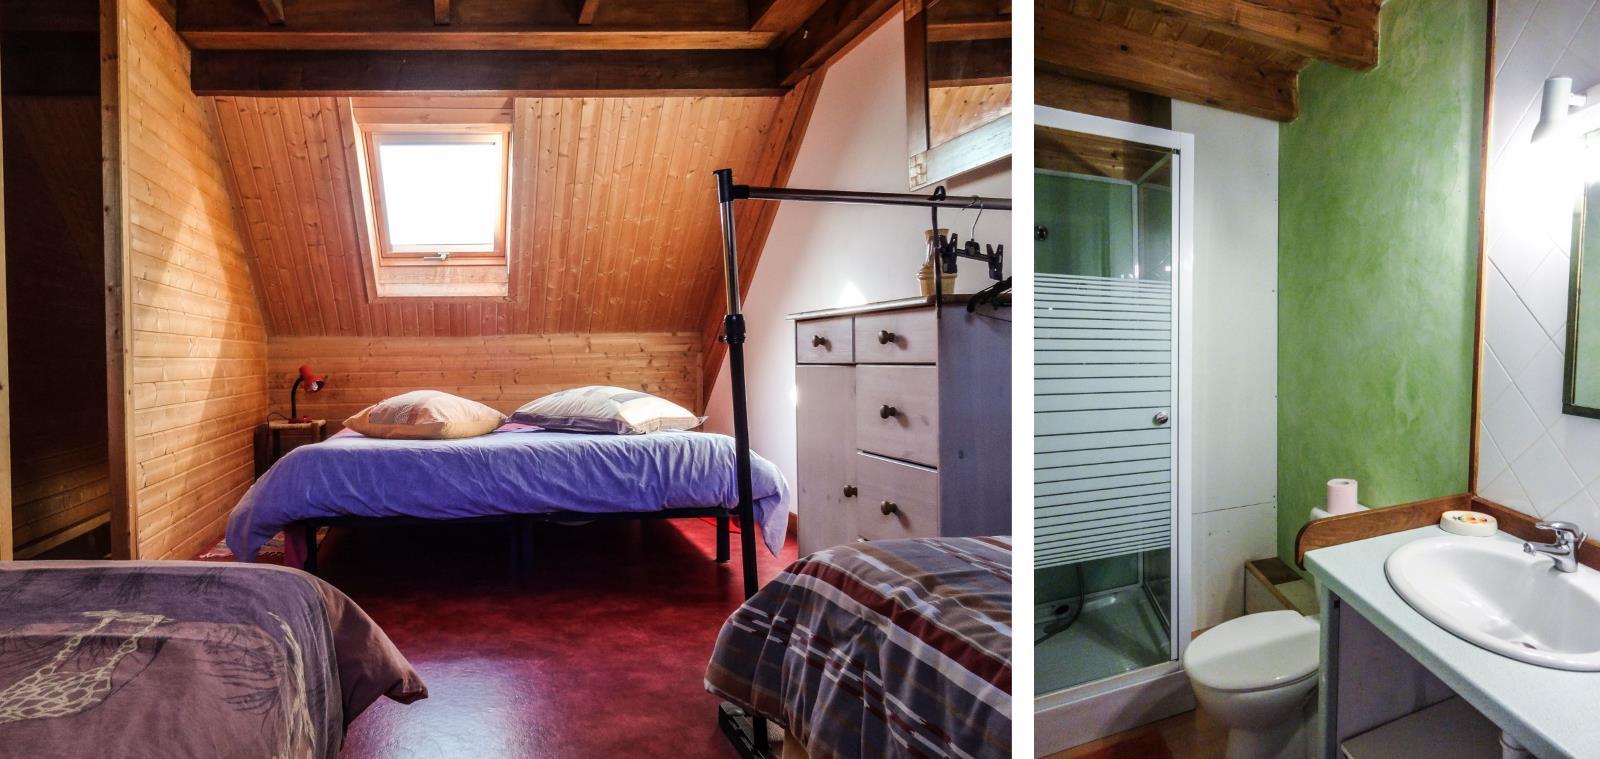 Chambre 4 lits et salle d'eau